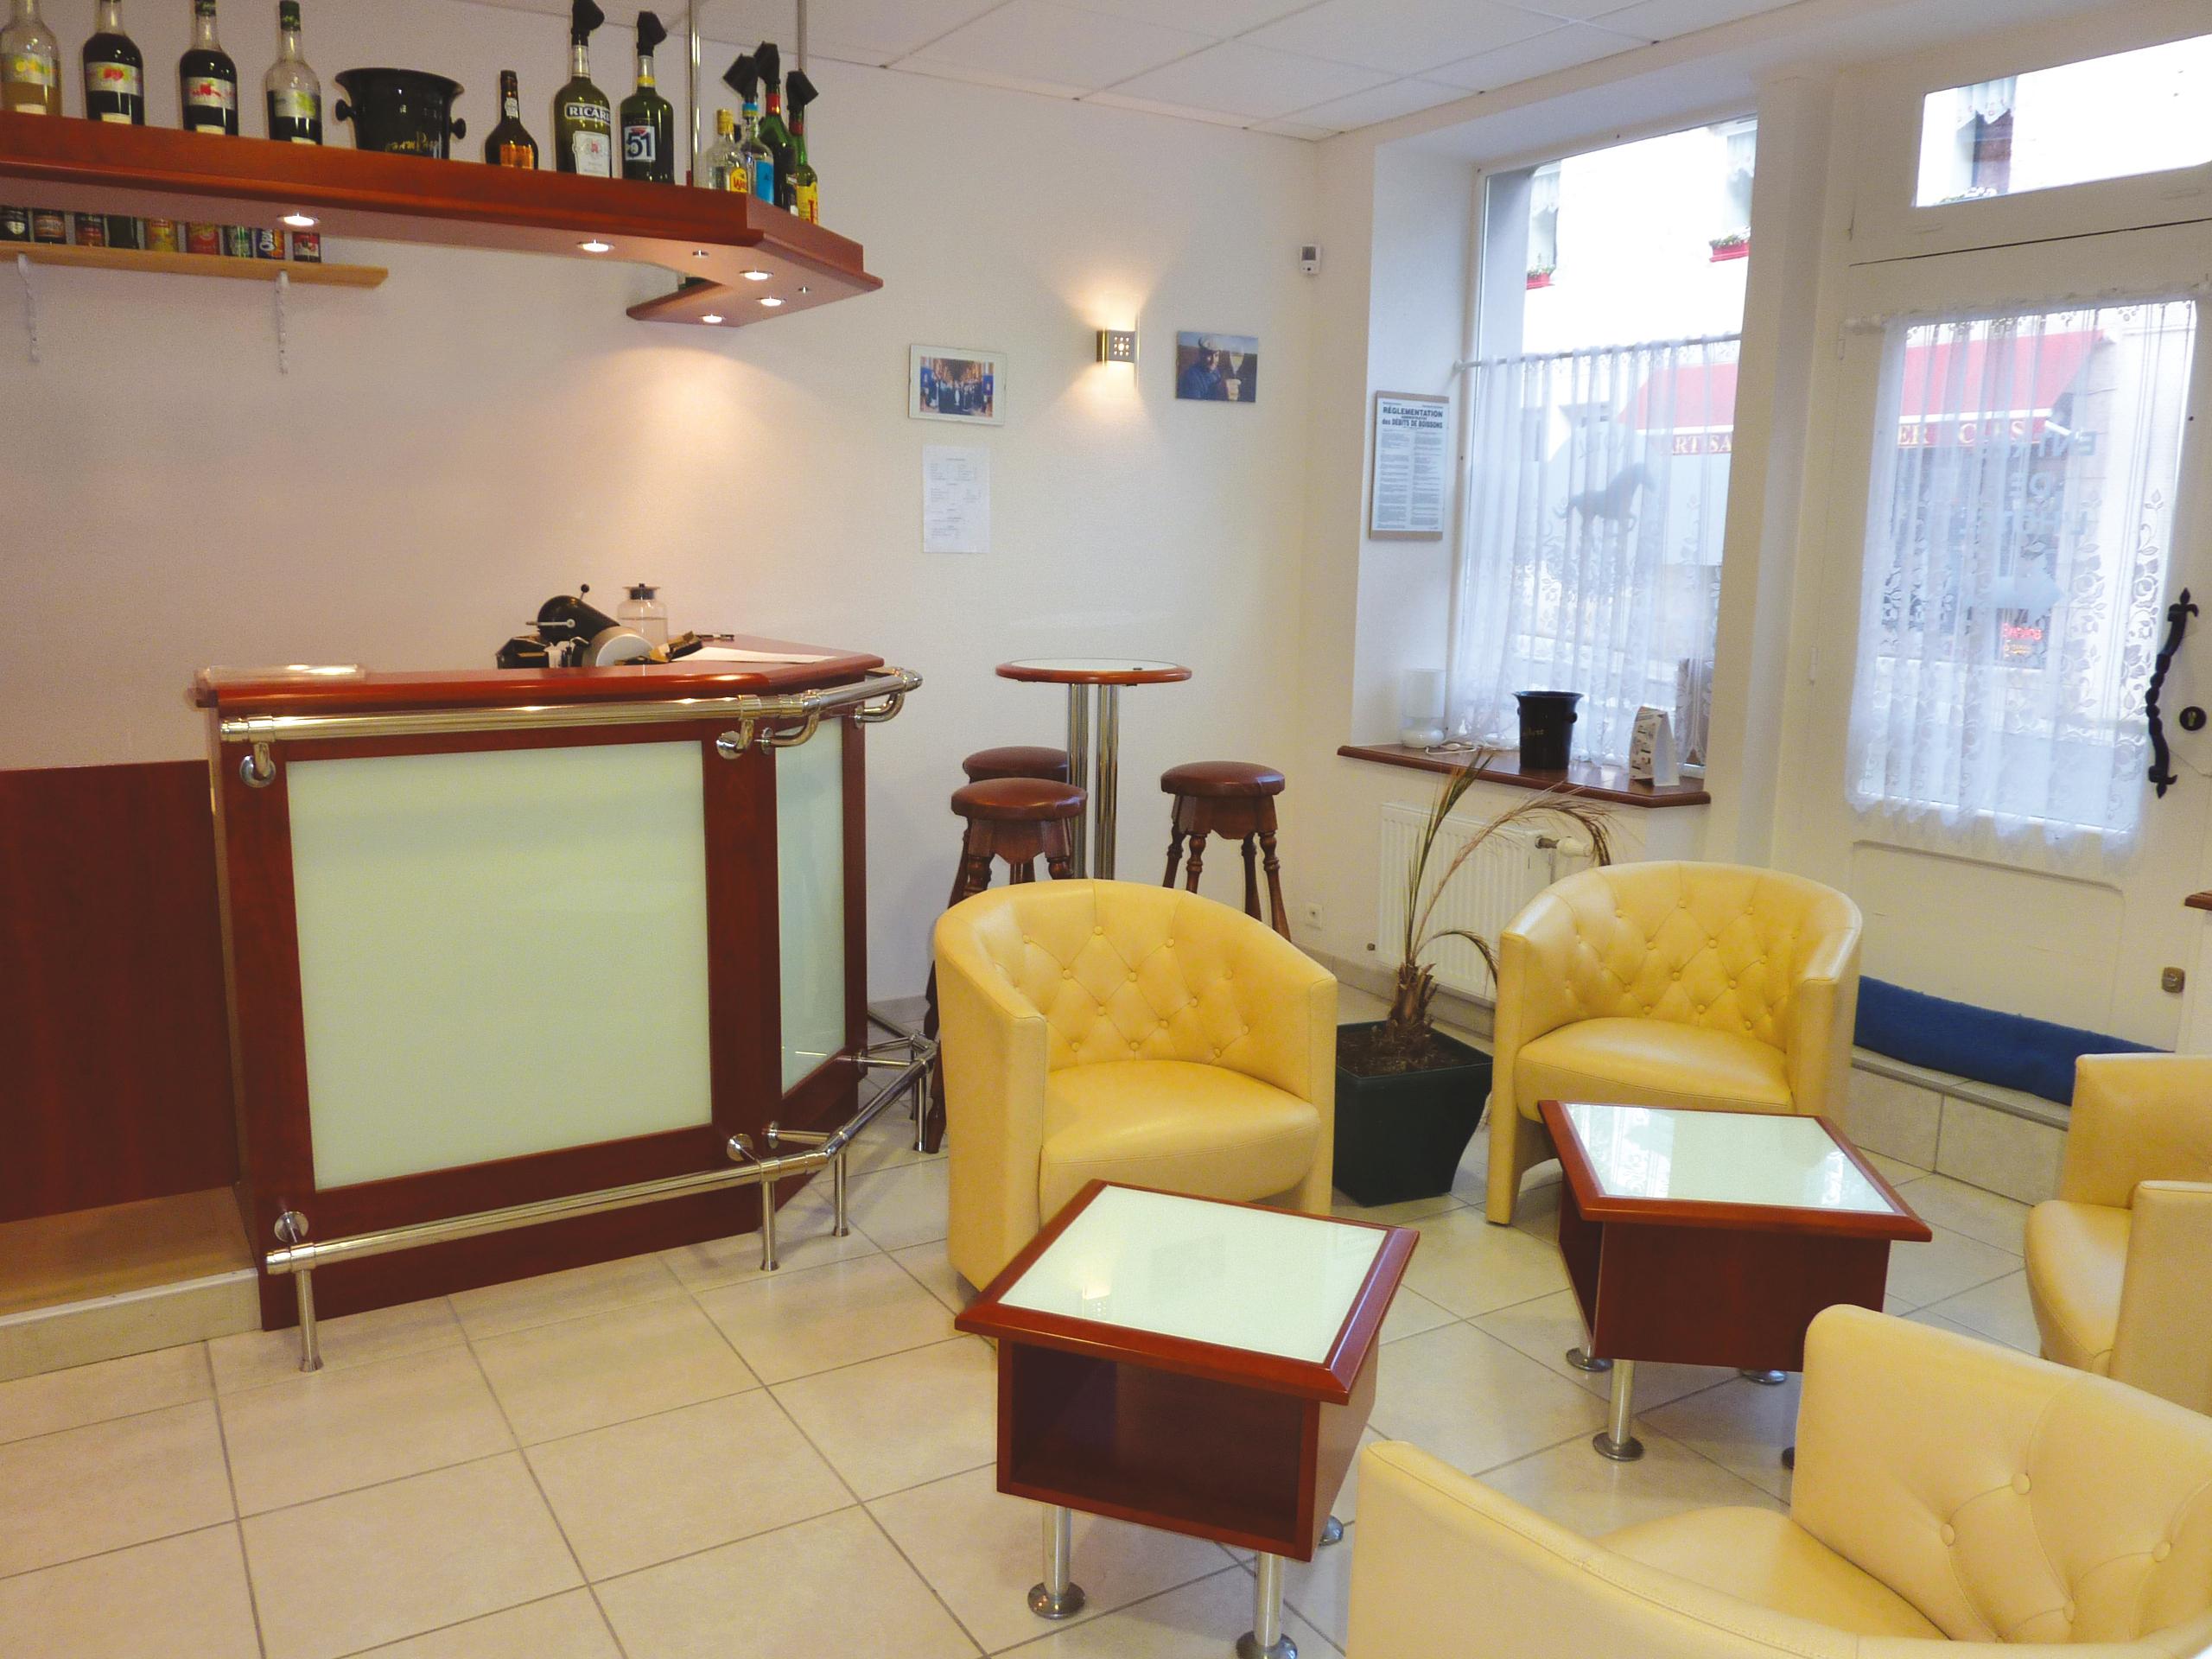 Hotel du Cheval Blanc, St Pol de Léon